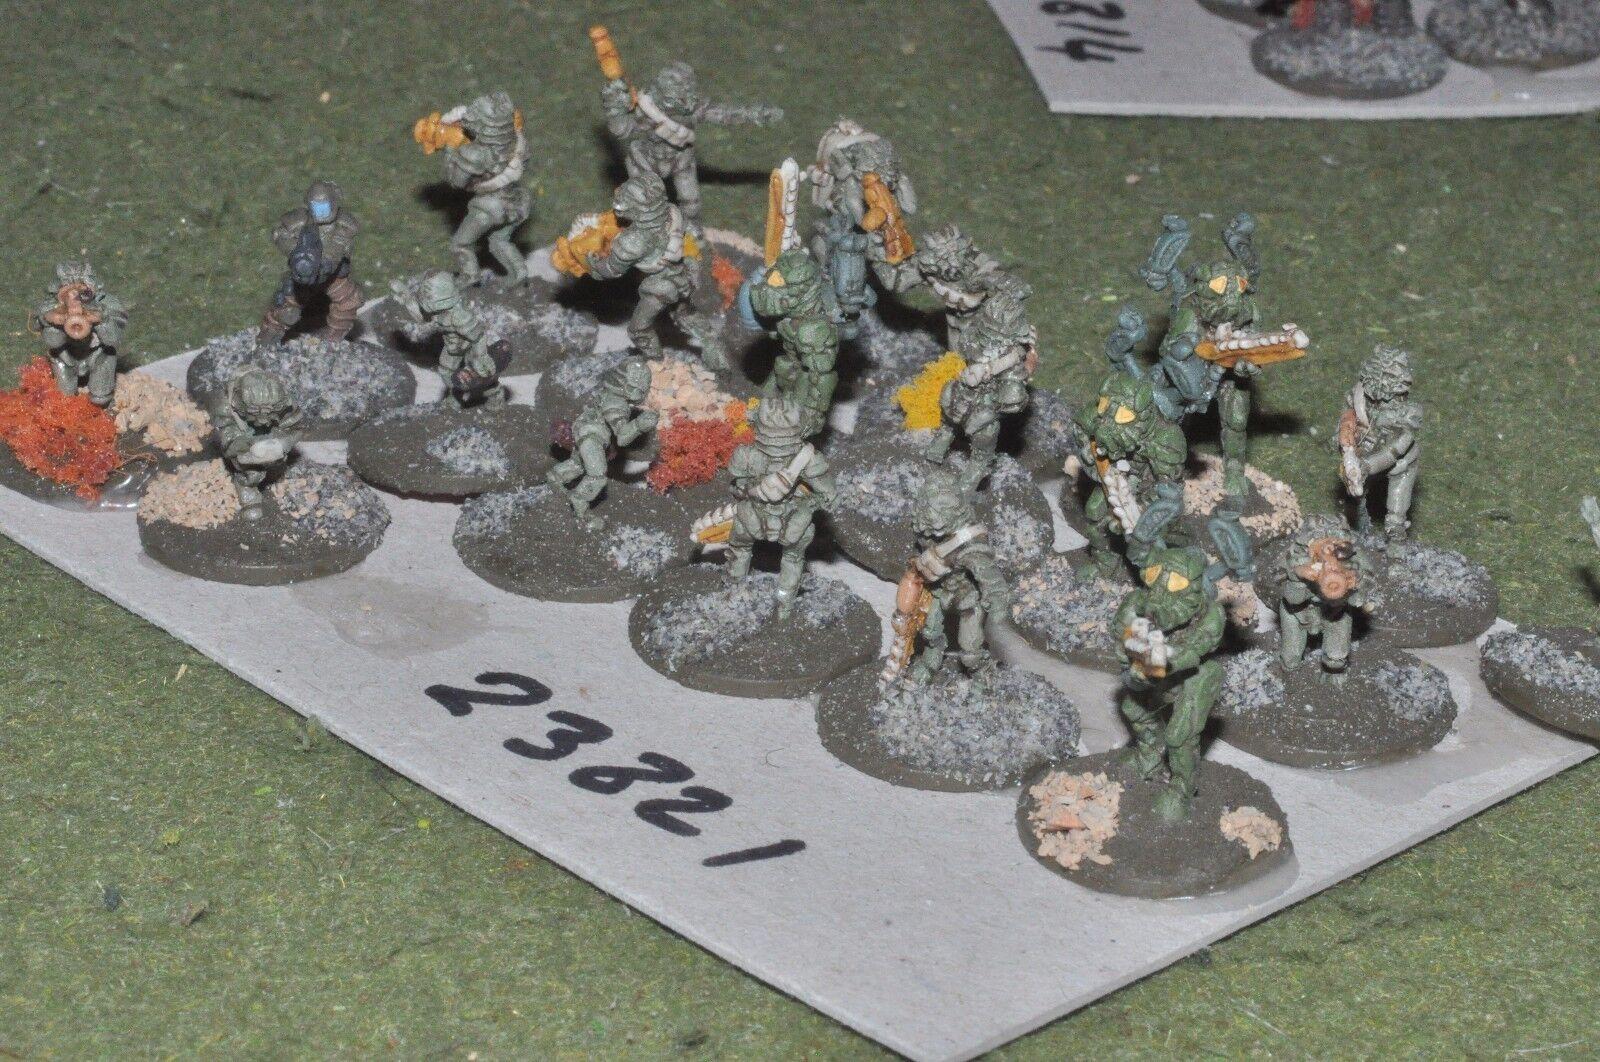 15mm scifi   lizard - combat team 20 figures - inf (23821)